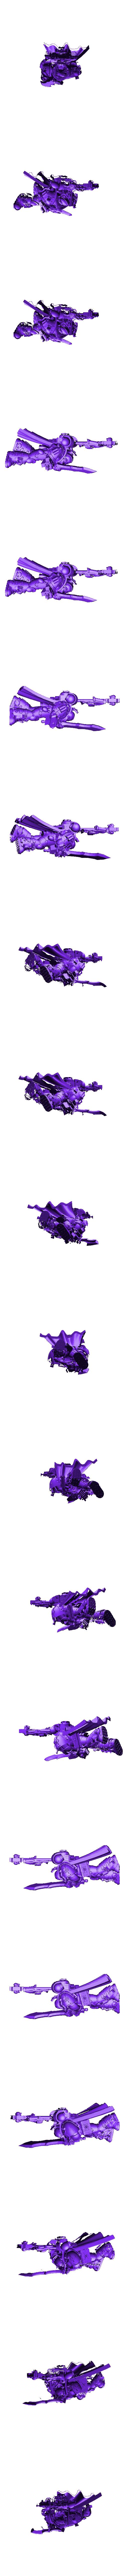 Castlellan Crowe.stl Télécharger fichier STL gratuit M. Crowe Purest Silver Paladin • Objet pour impression 3D, joeldawson93